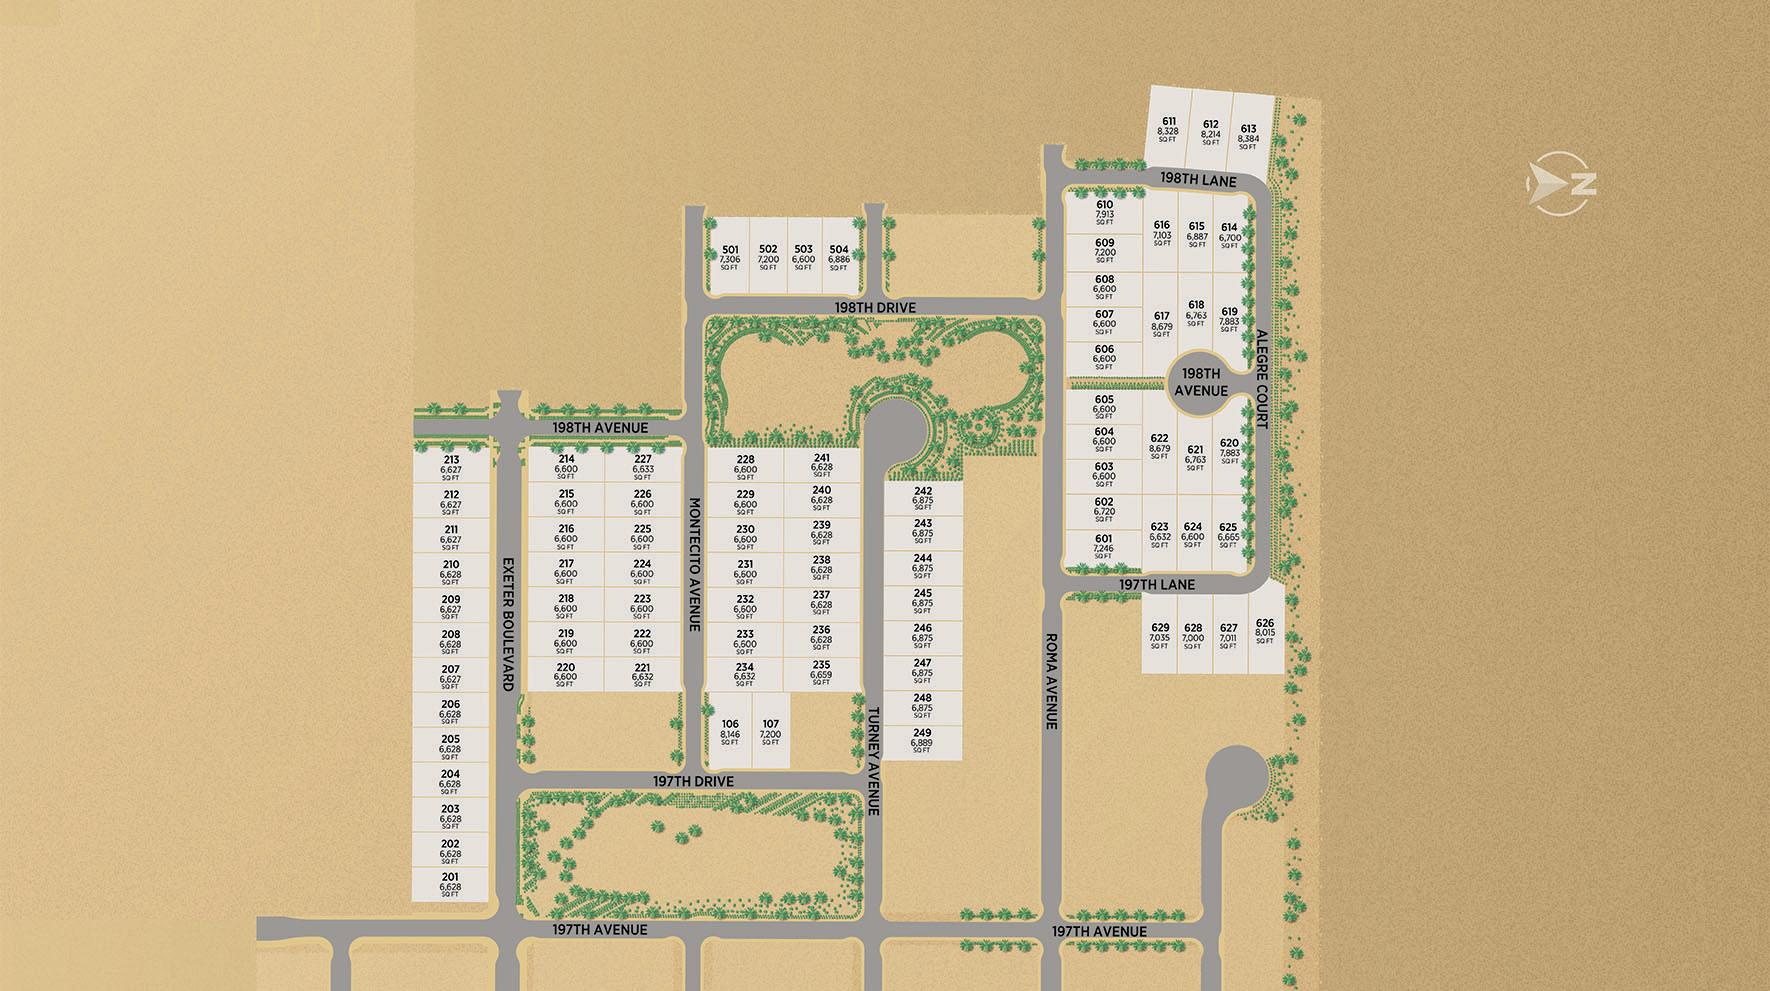 Allevare at Verrado Site Plan